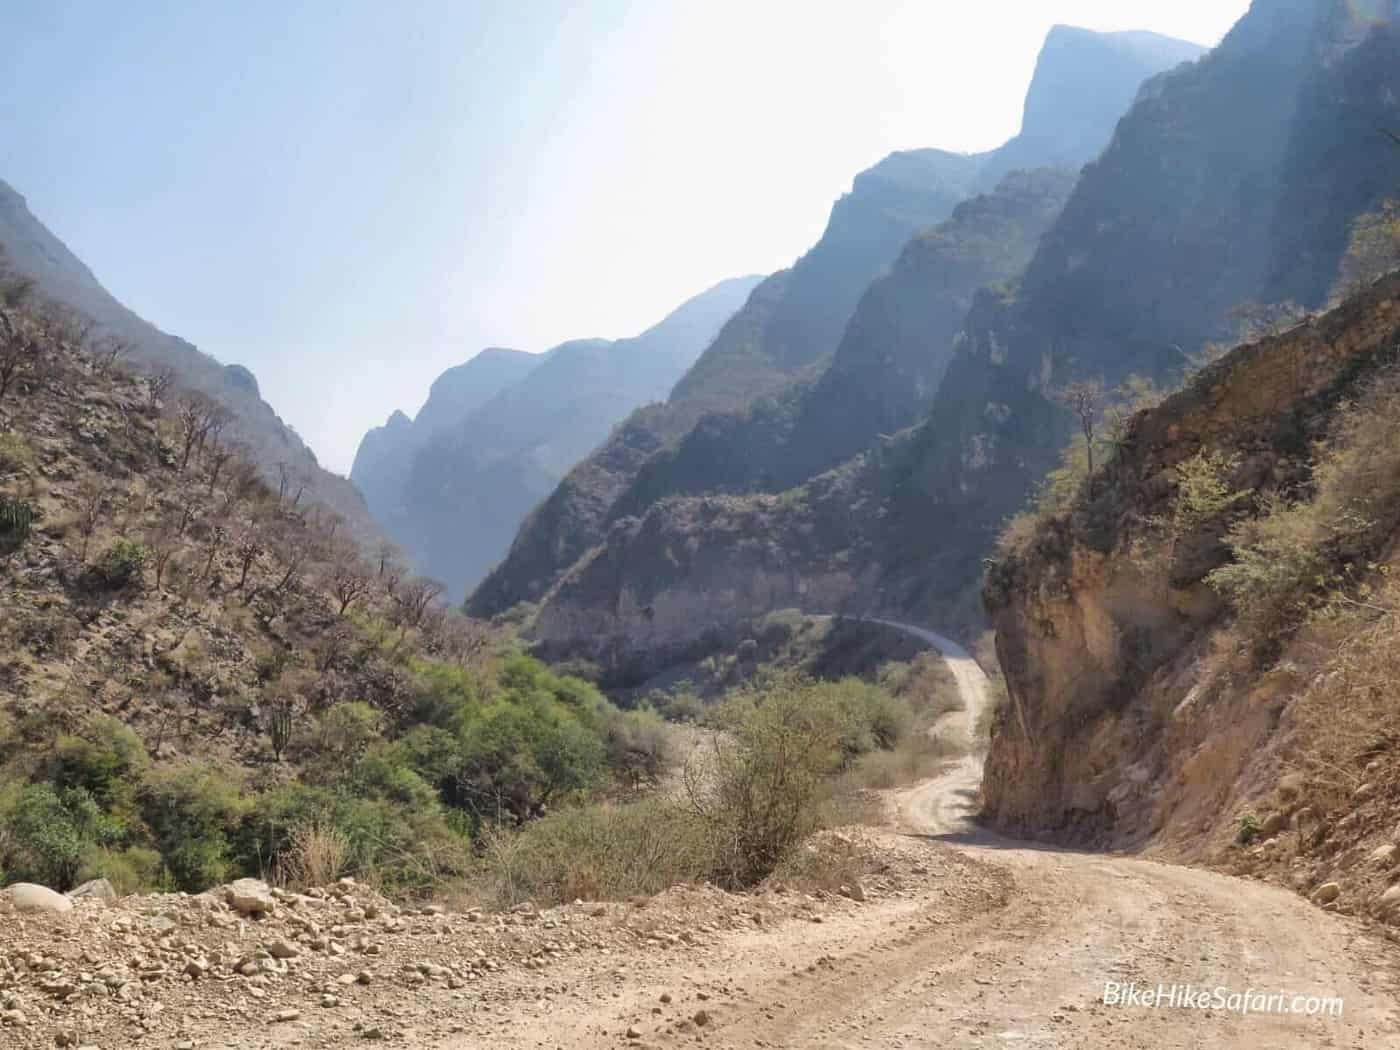 Cycling the canyon near Xichu